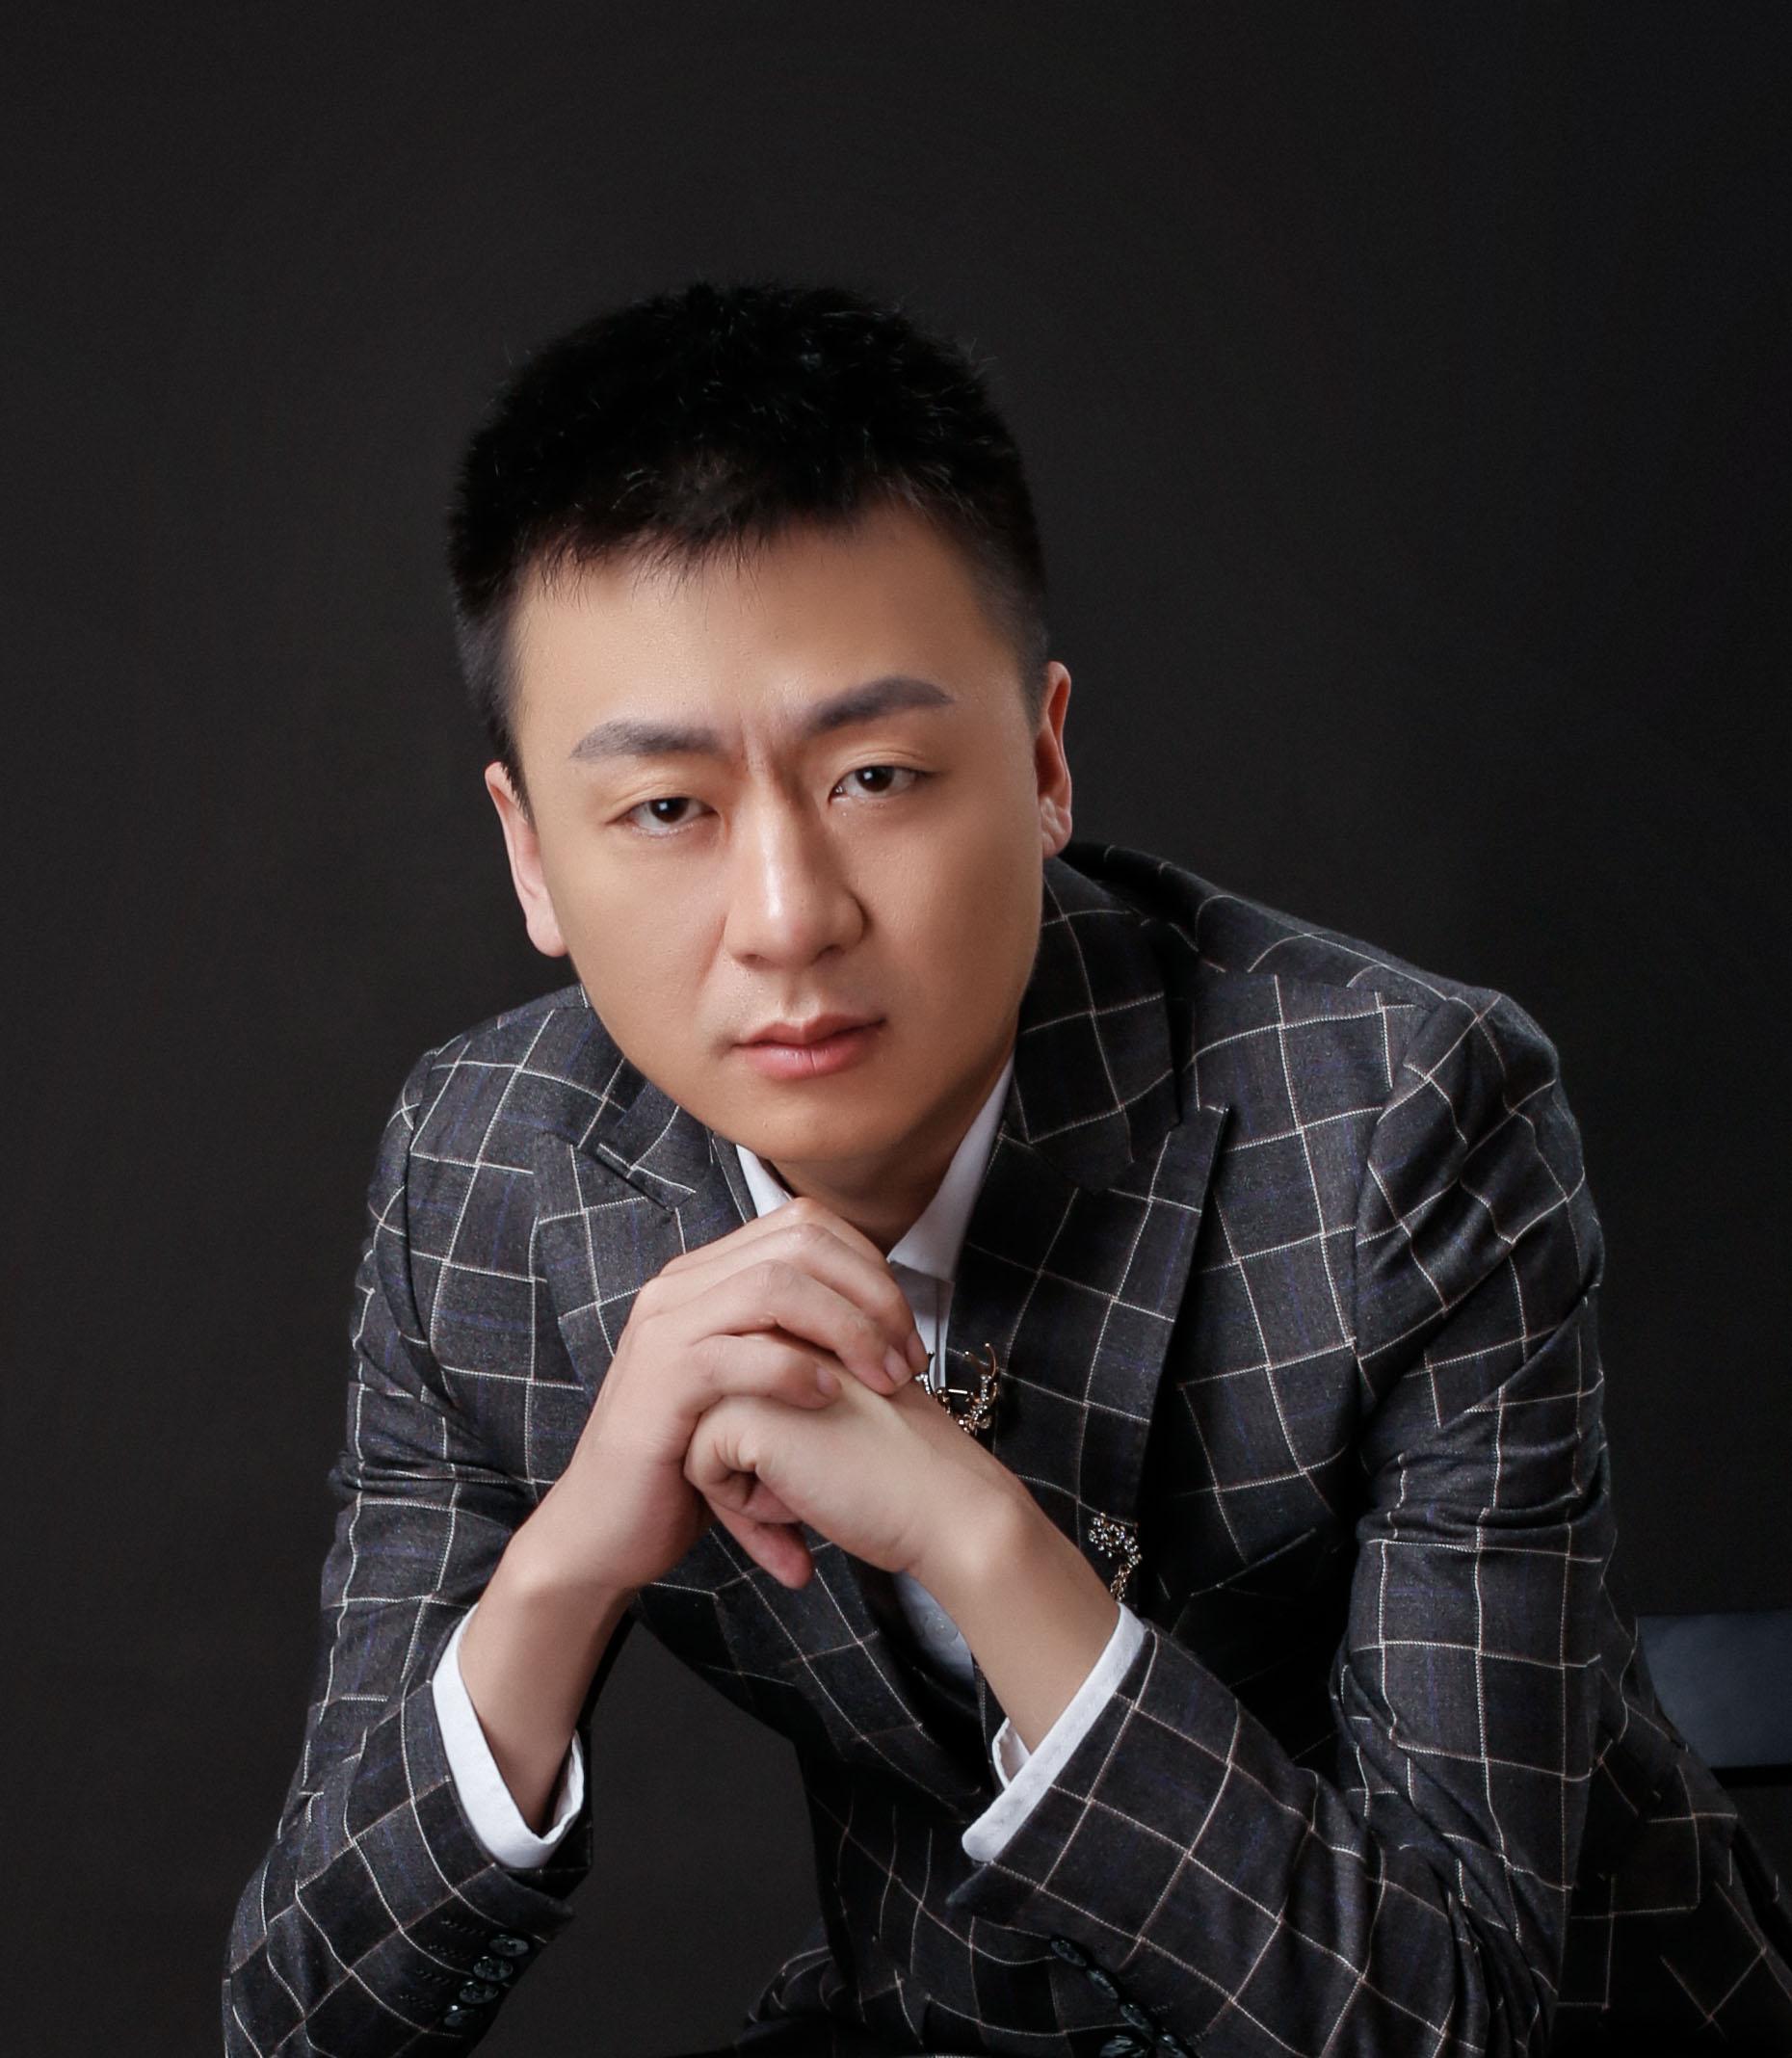 郑州设计师王邦博